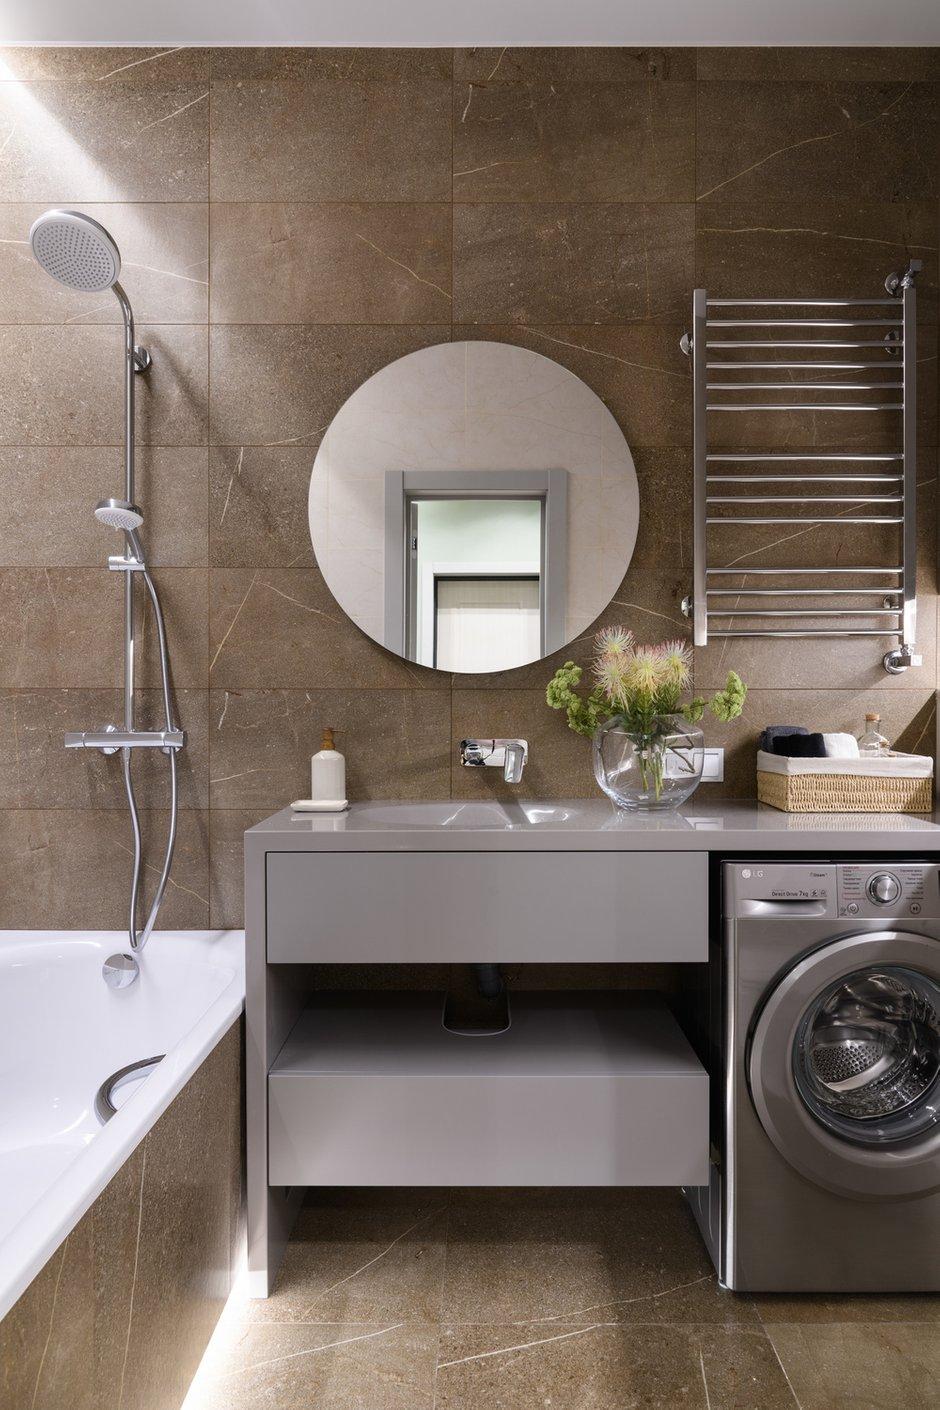 Ванная комната традиционно решена в керамической плитке сдержанных серо-коричневых оттенков.